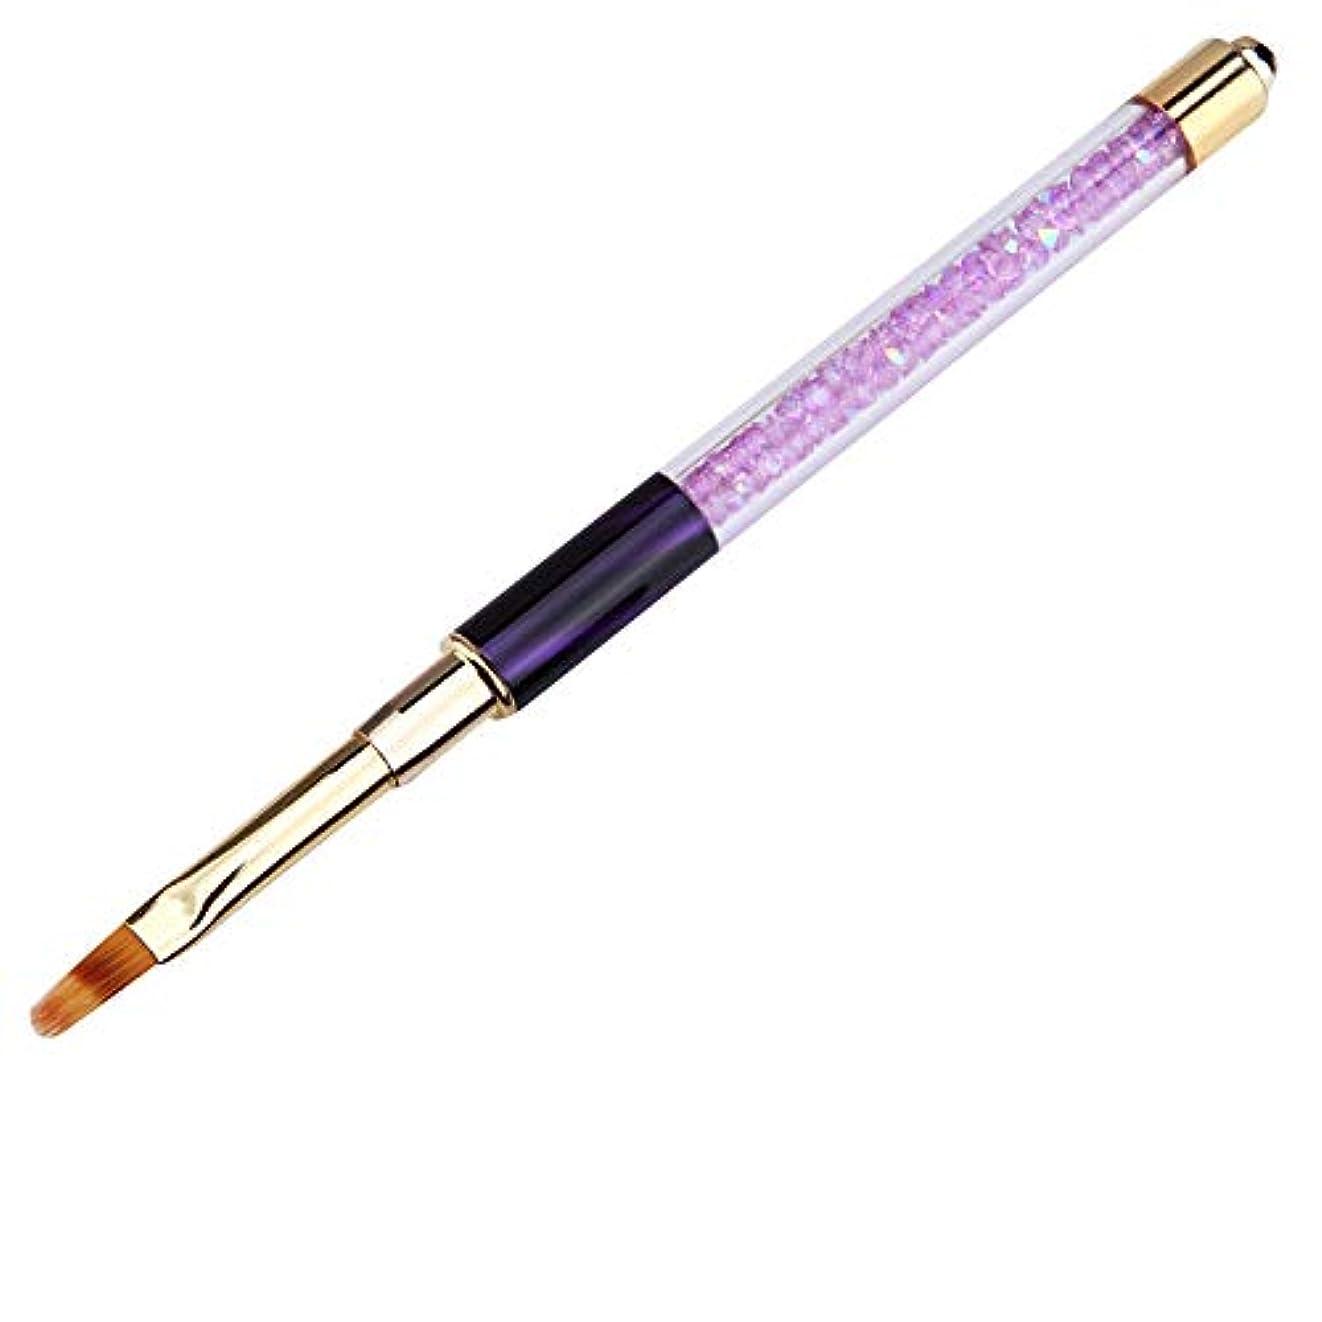 カフェテリアニックネーム騒々しいACAMPTAR ネイルアートブラシのペン、ラインストーン、キャット?アイ、アクリルのハンドル、彫刻と絵画用、ジェル、ネイルの延長、マニキュア、ライナーのペン、02